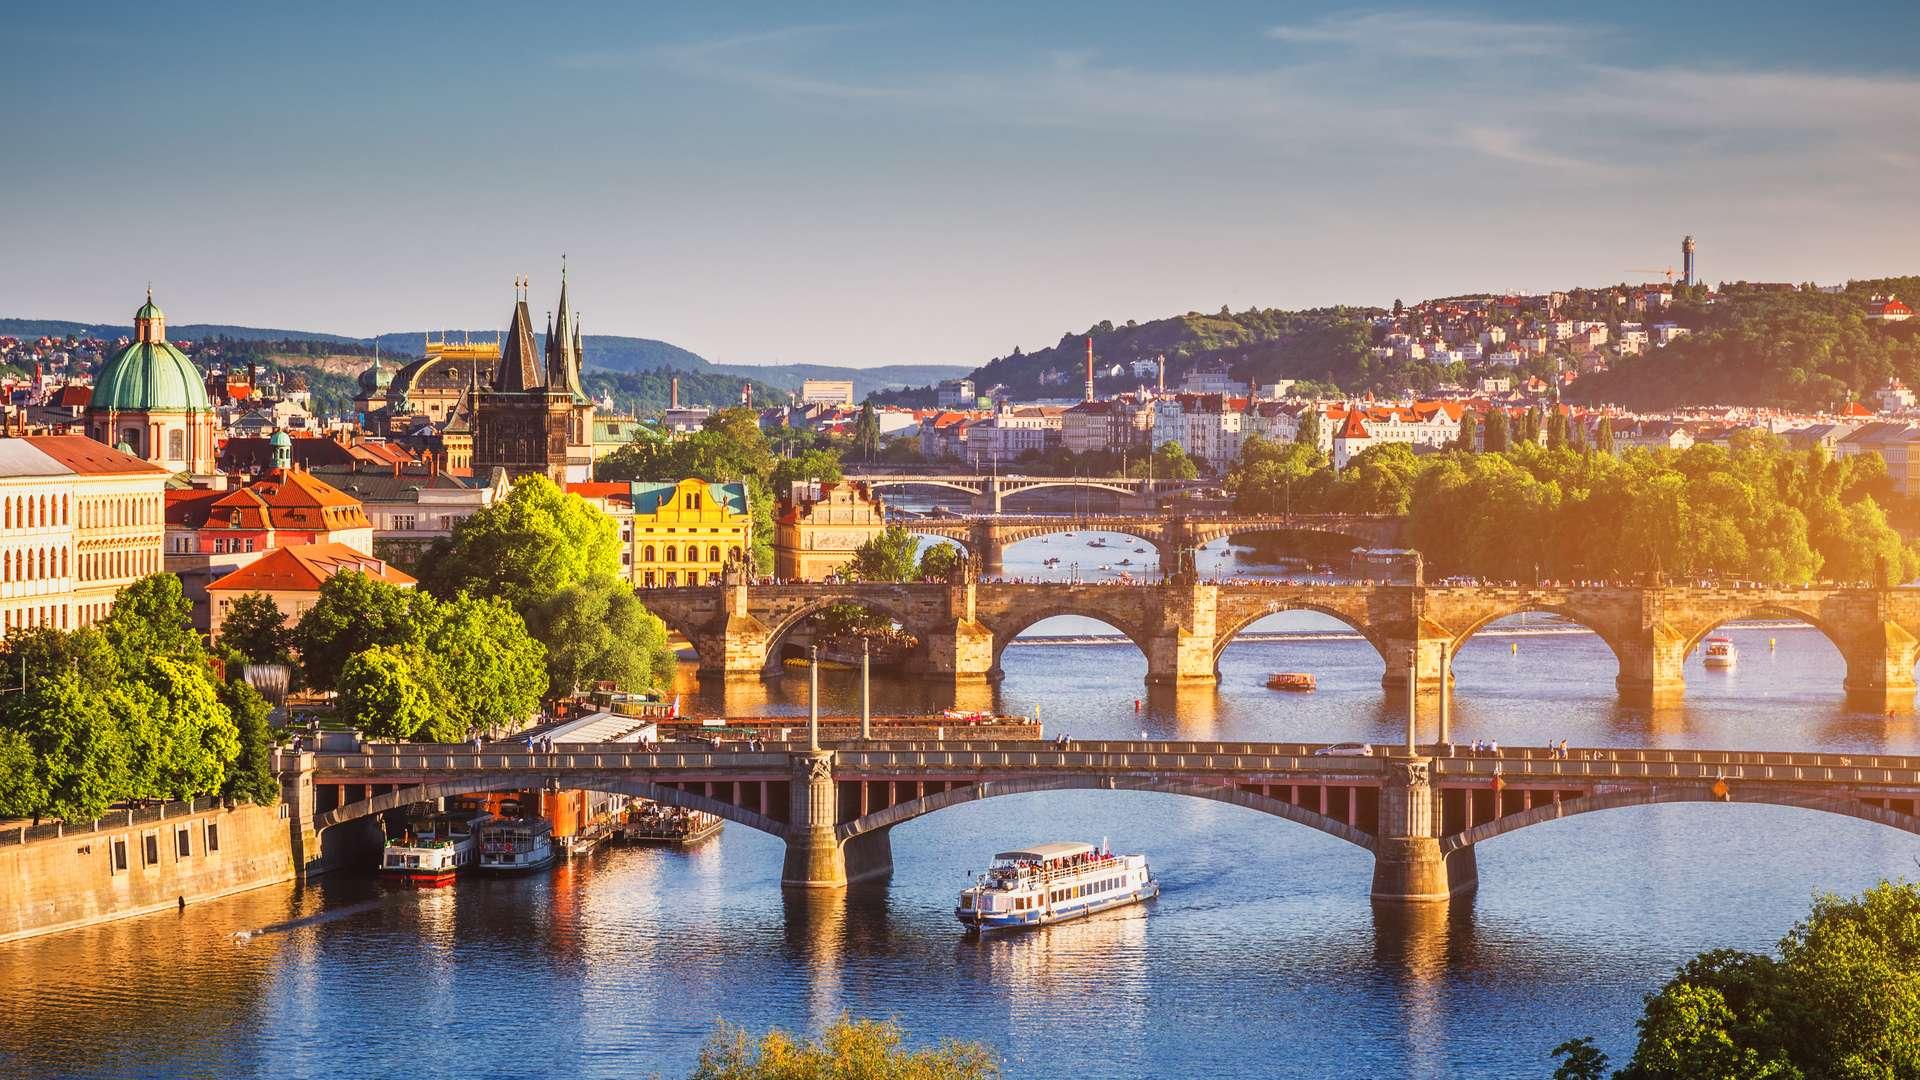 Tsjechië Praag Charles Bridge over Vltava river